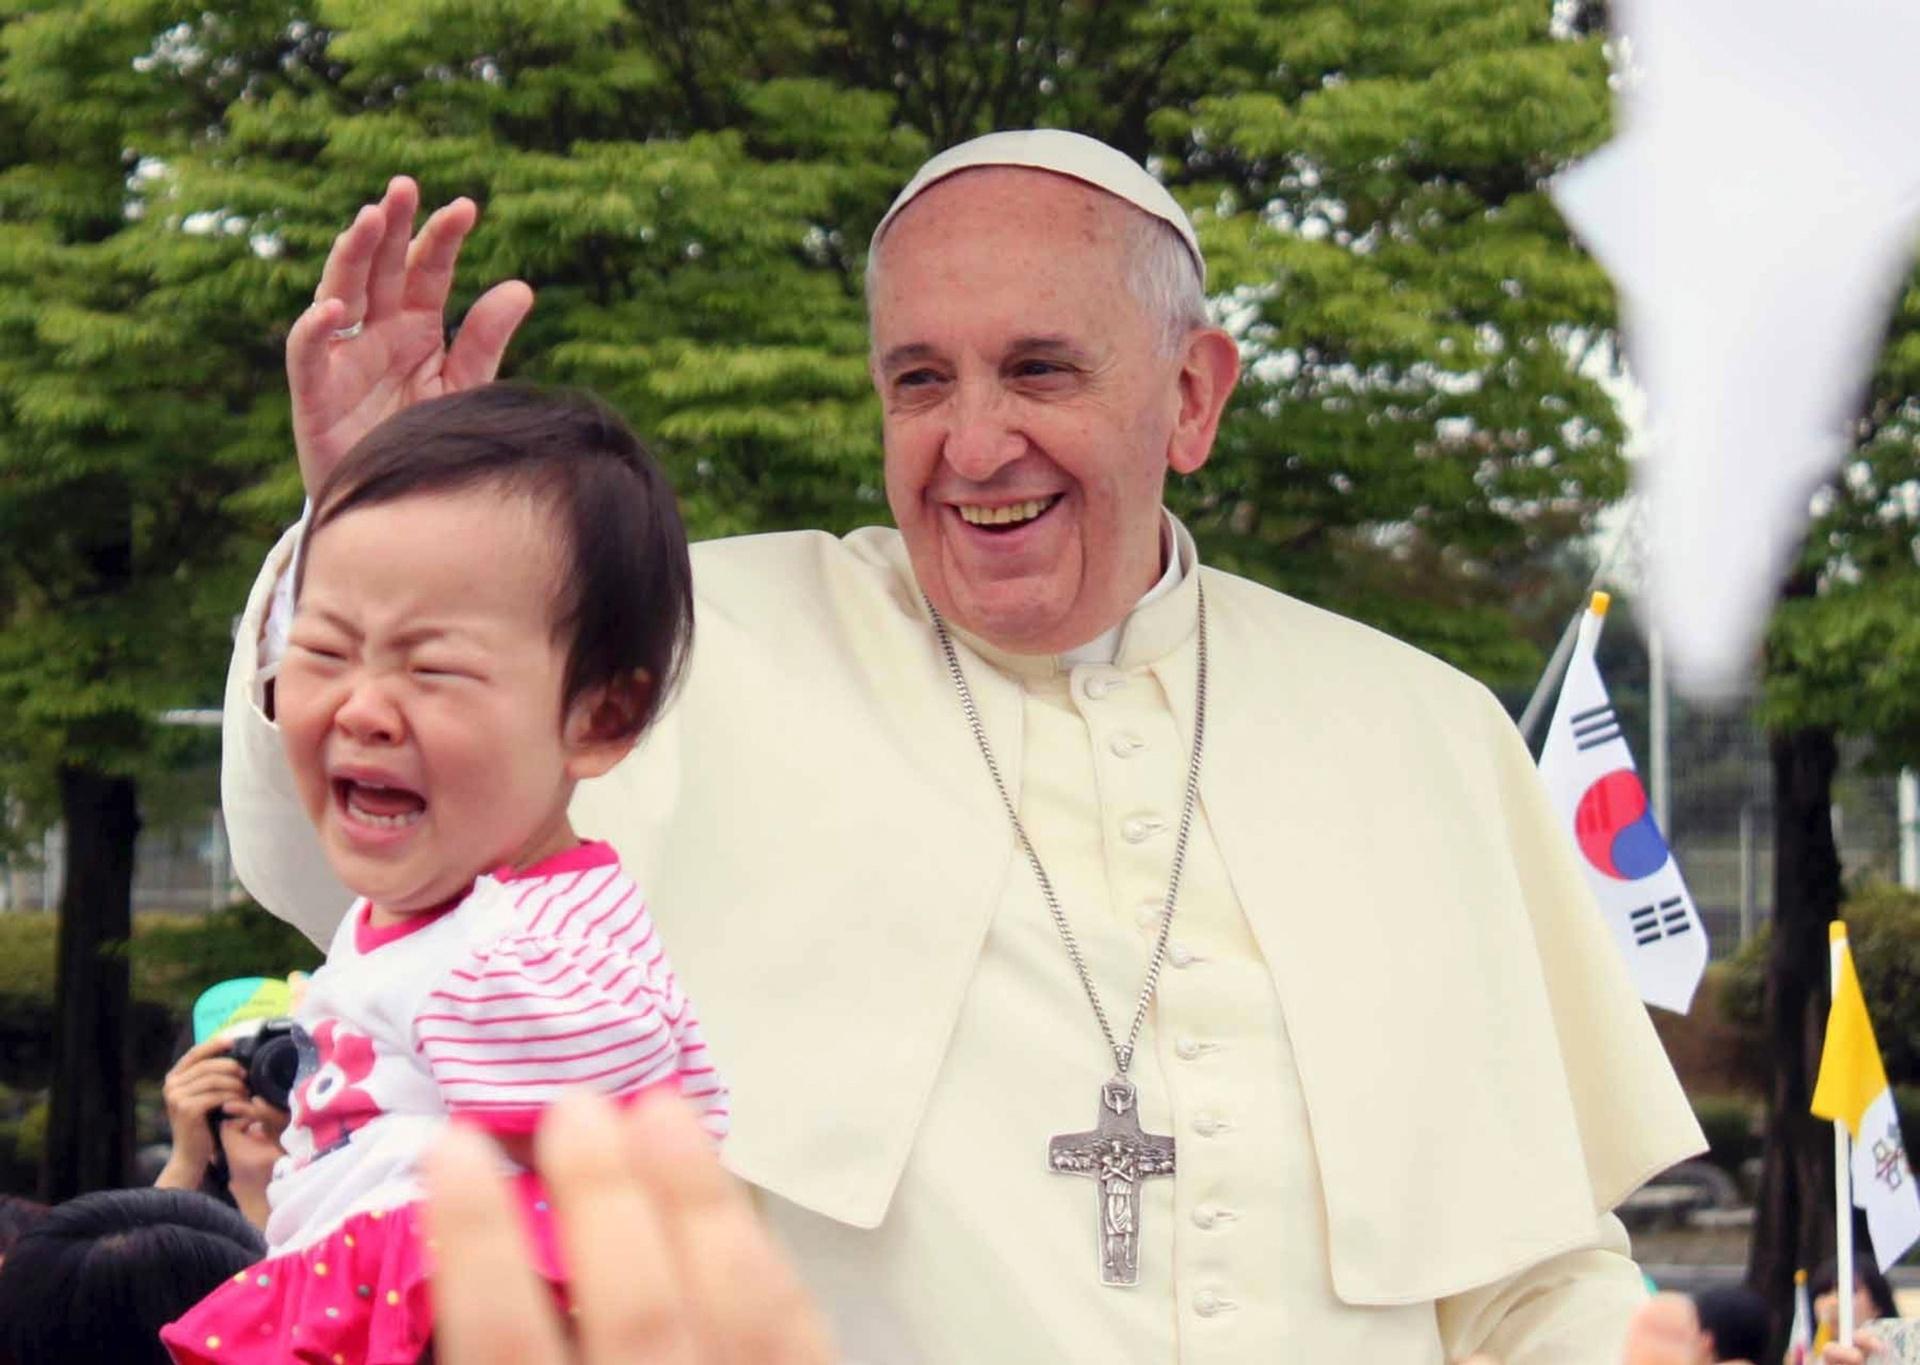 15.ago.2014 - Criança chora após ser abençoada pelo papa Francisco durante missa no Estádio da Copa do Mundo de Daejeon, na Coreia do Sul. Ele conduziu a missa em lembrança das mais de 300 pessoas mortas no naufrágio de uma balsa em abril. É a primeira visita em 15 anos de um pontífice ao país, onde vivem cerca de 5 milhões de católicos